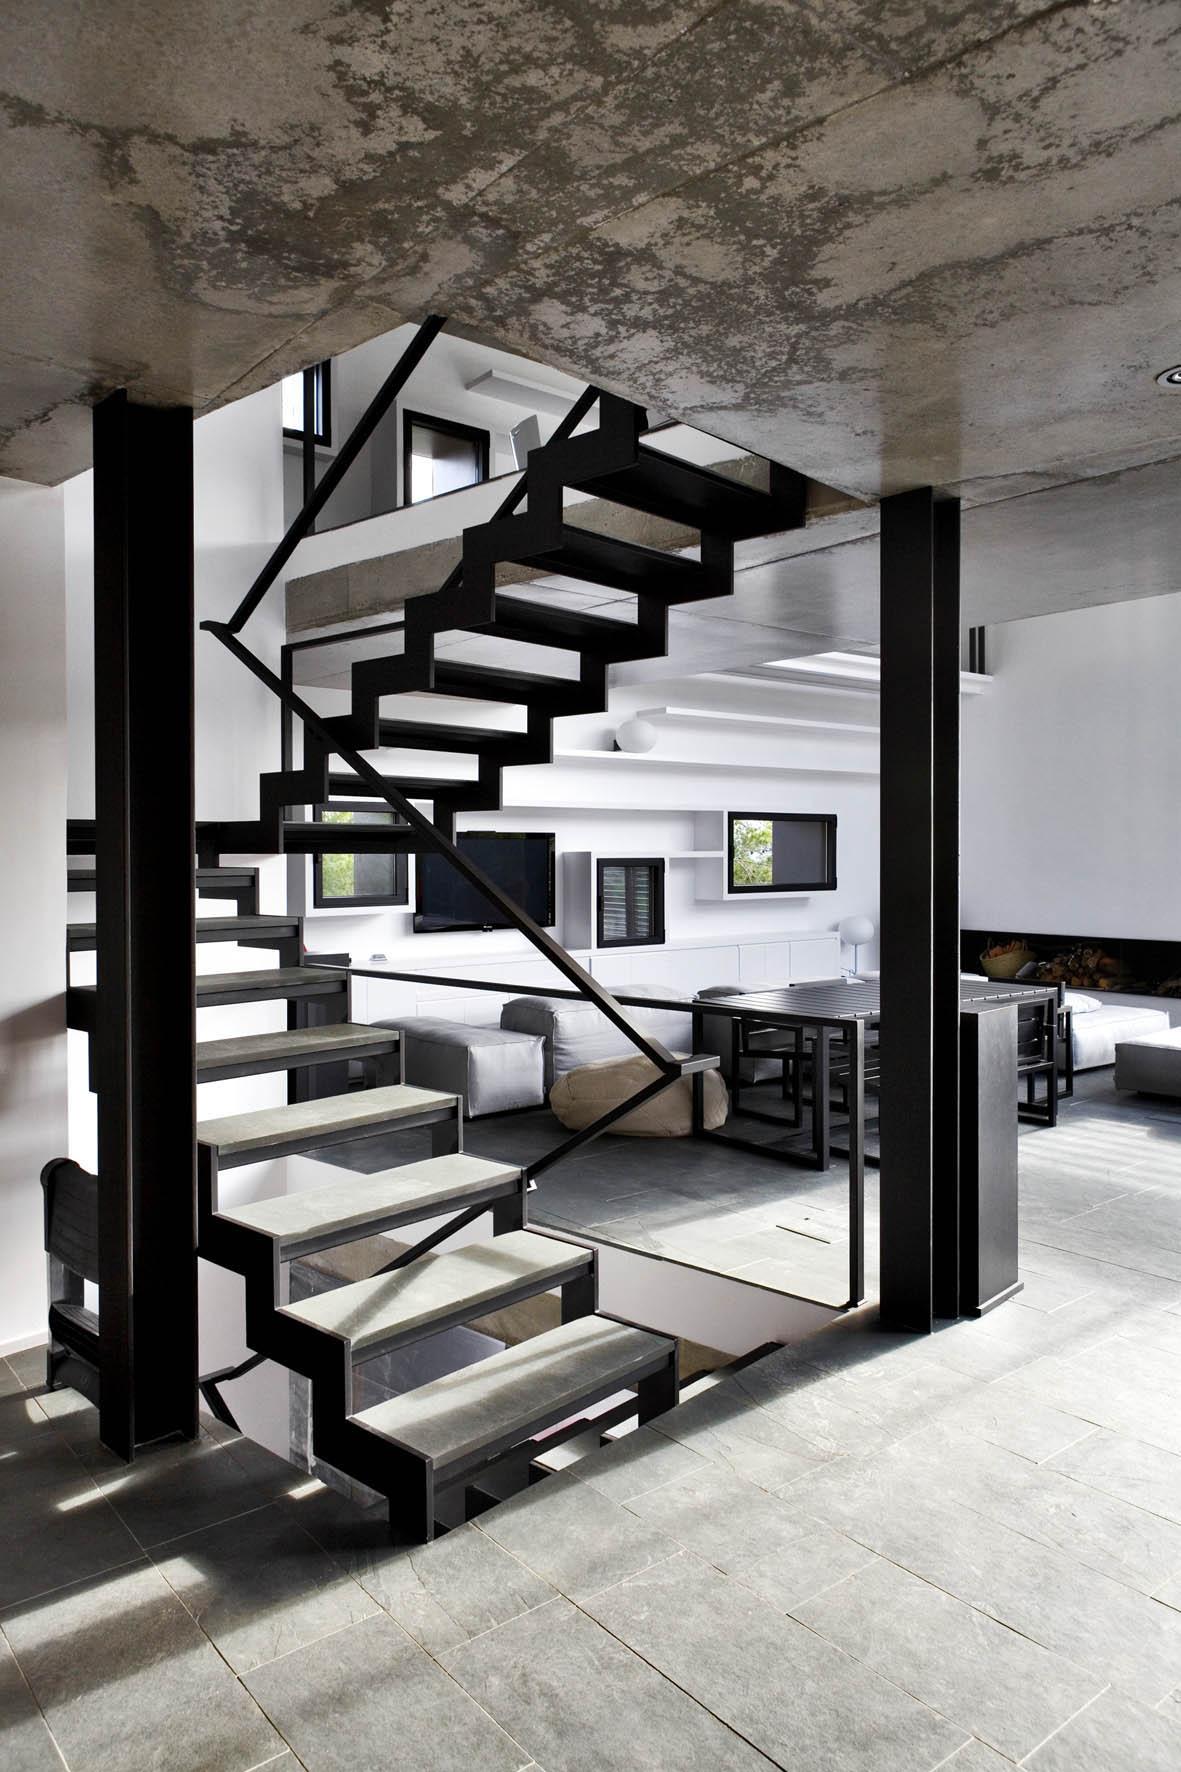 Casa en mont r s girona una mas a moderna para el - Escaleras para casas modernas ...